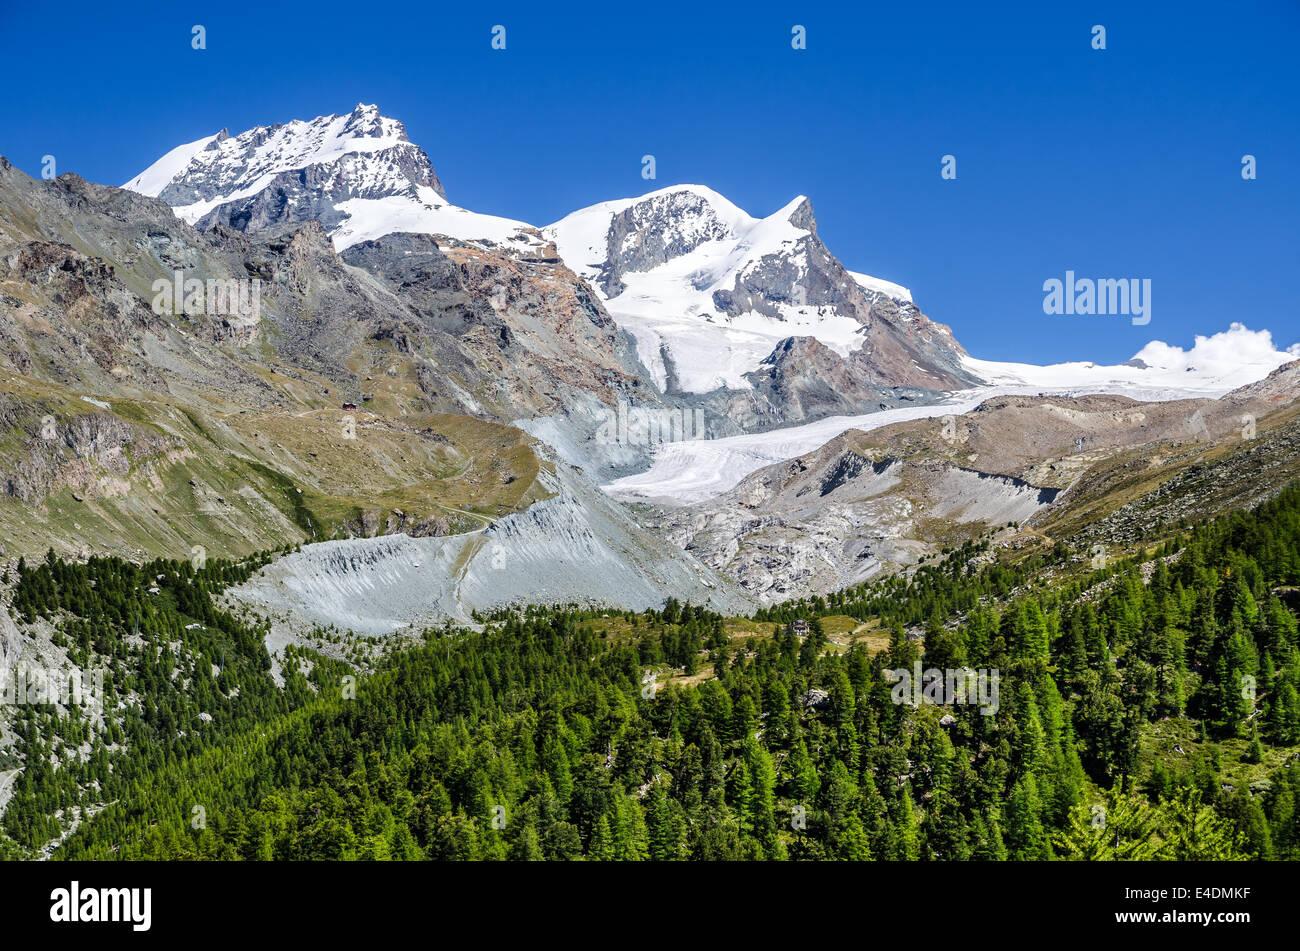 Zermatt, Schweiz. Berglandschaft mit Strahlhorn (4190 m) und Findelen Gletscher Walliser Alpen Stockbild